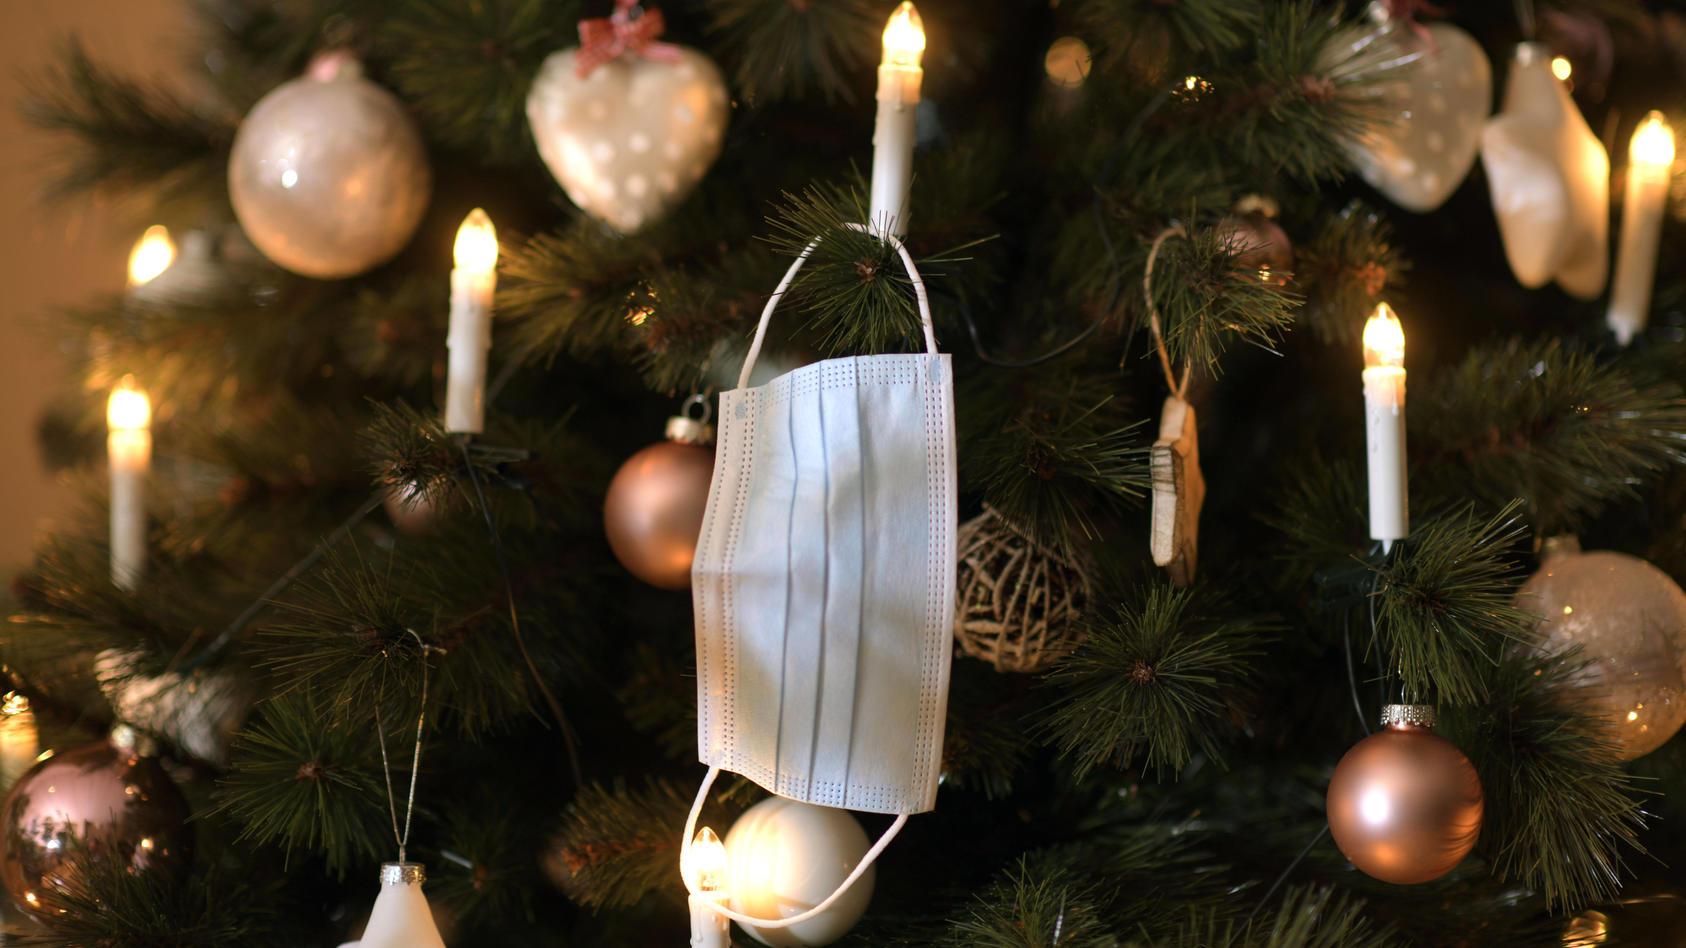 23.11.2020, Symbolbild, Am Weihnachstbaum im Wohnzimmer hängt ein Mund-Nasen-Schutz, Wegen der Corona-Pandemie könnte We